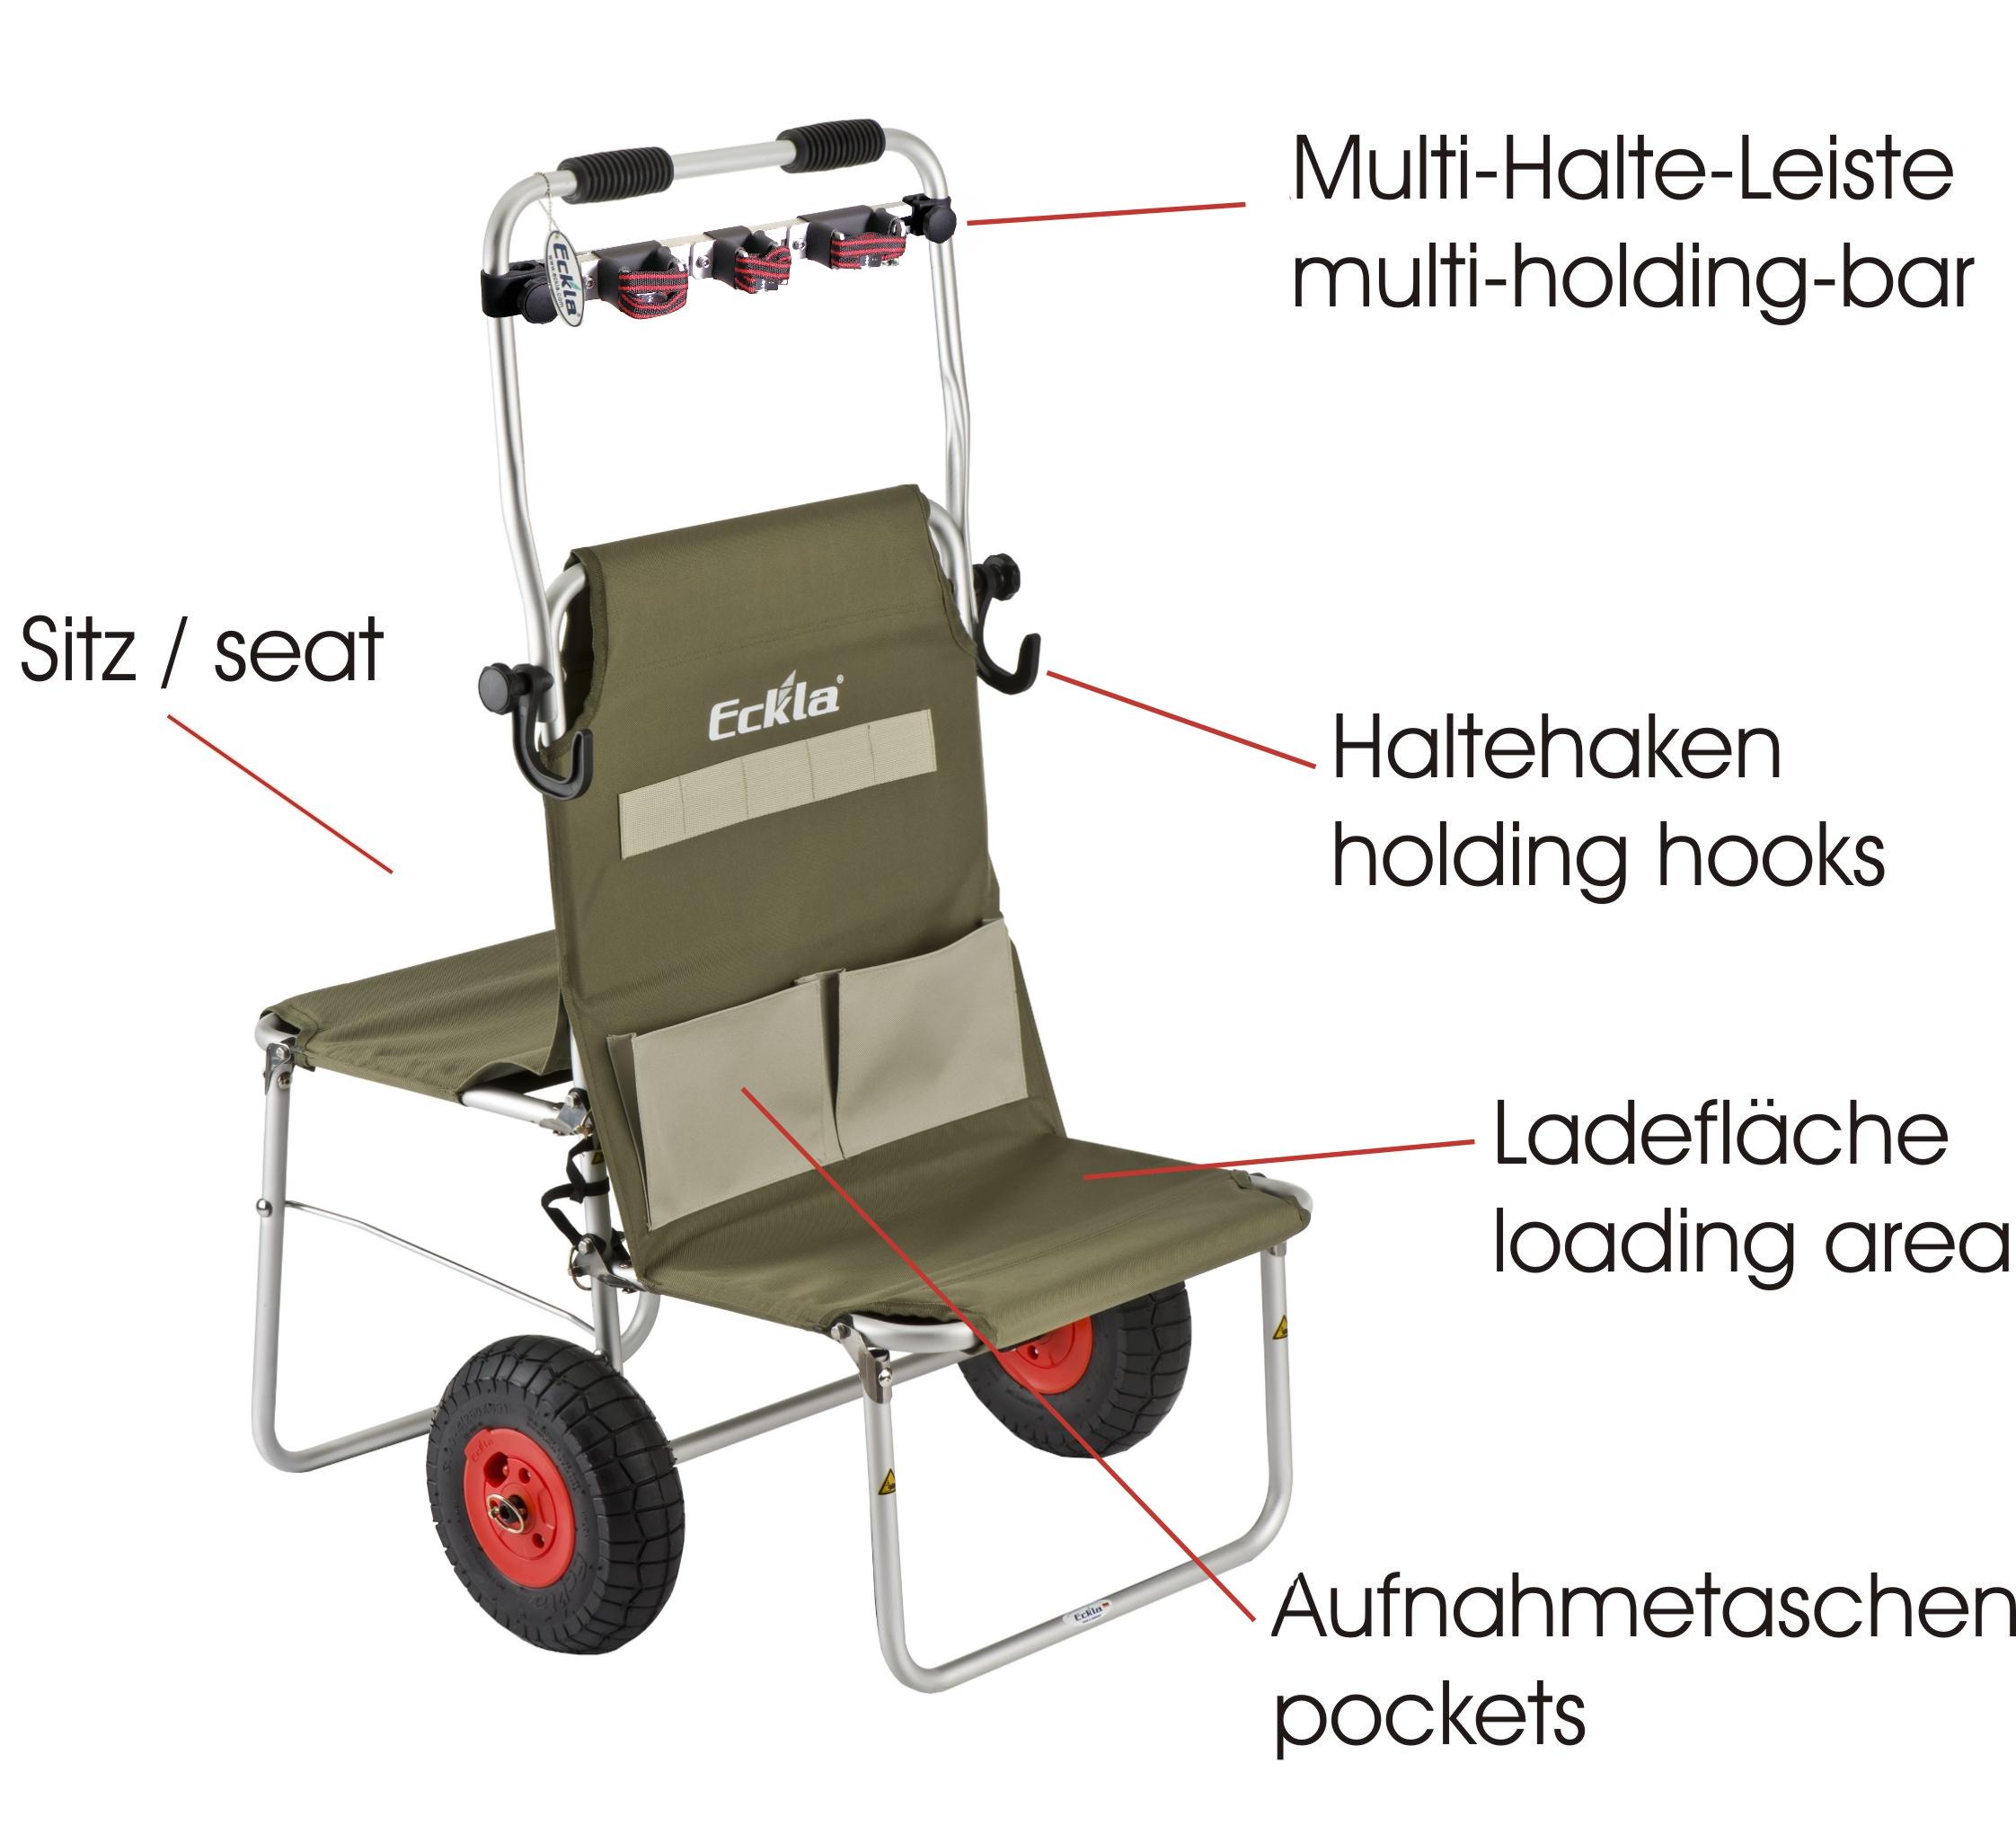 Eckla Multi Rolly Transportwagen mit Multileiste klappbar luftbereift Bild 6